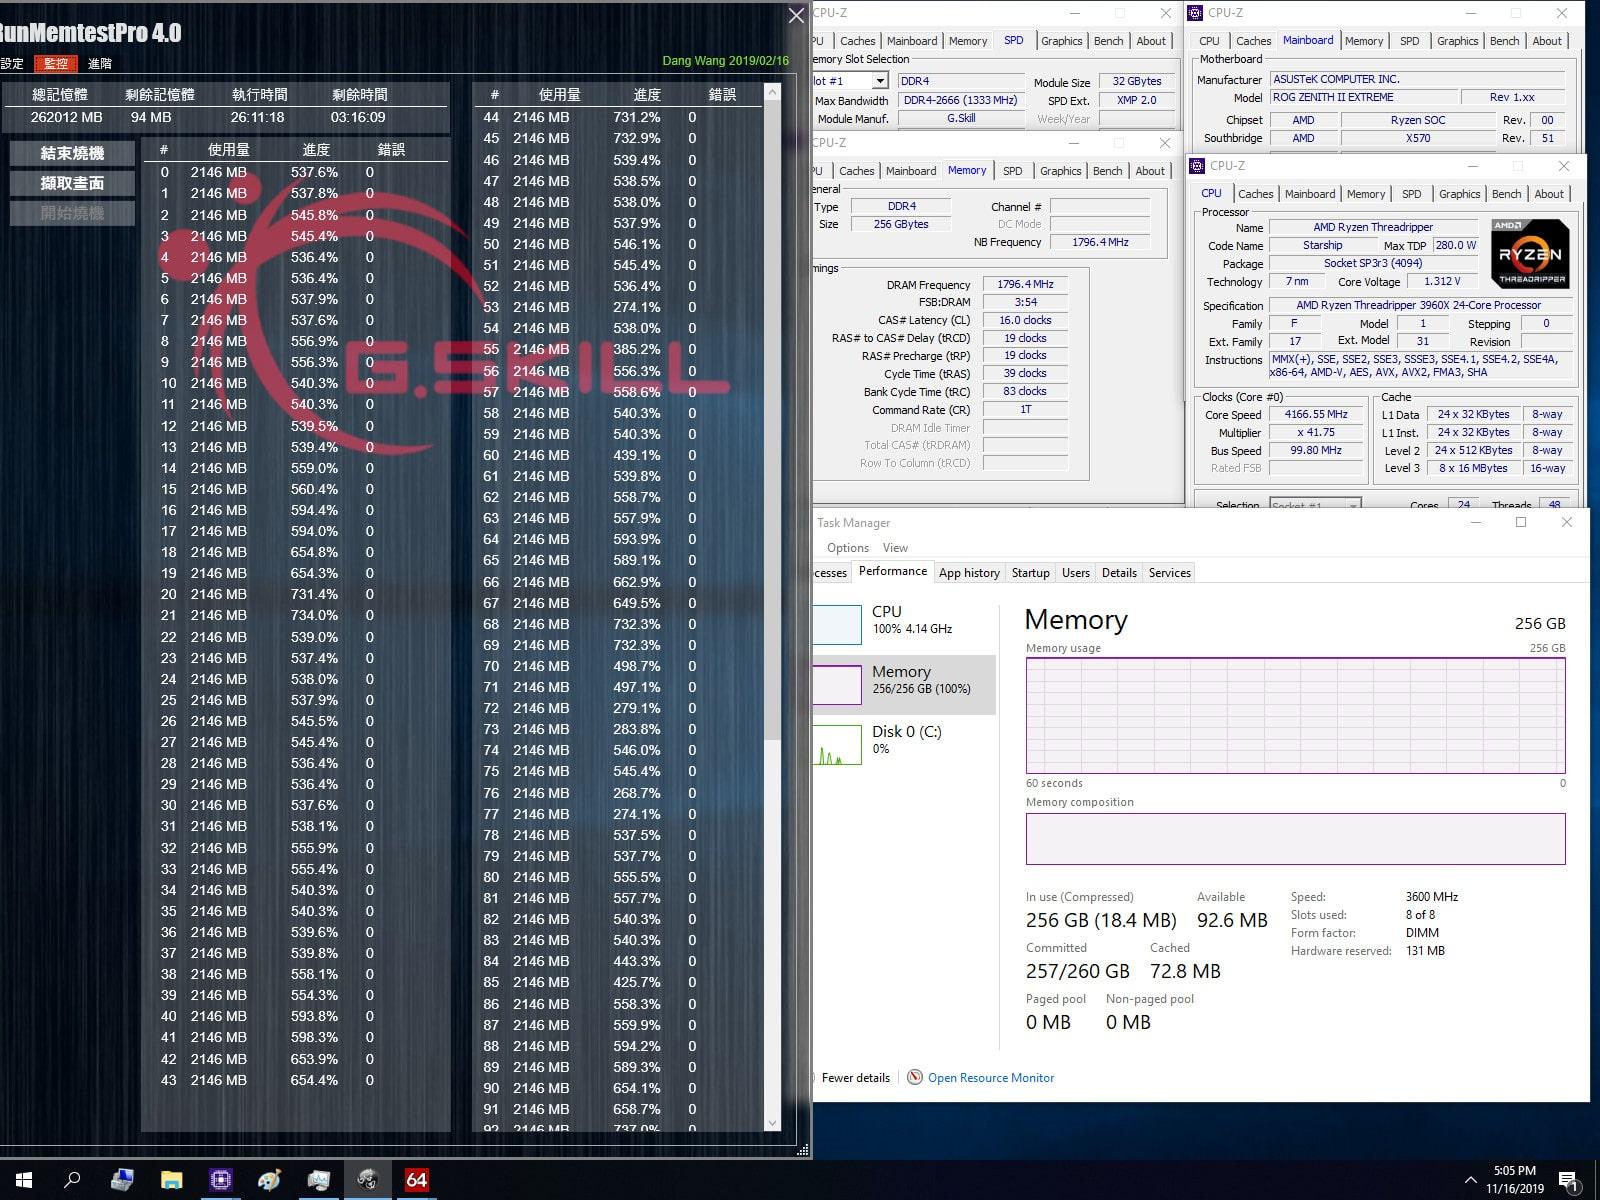 G.Skill AMD DDR4 3600 MHz CL14-15-15-35